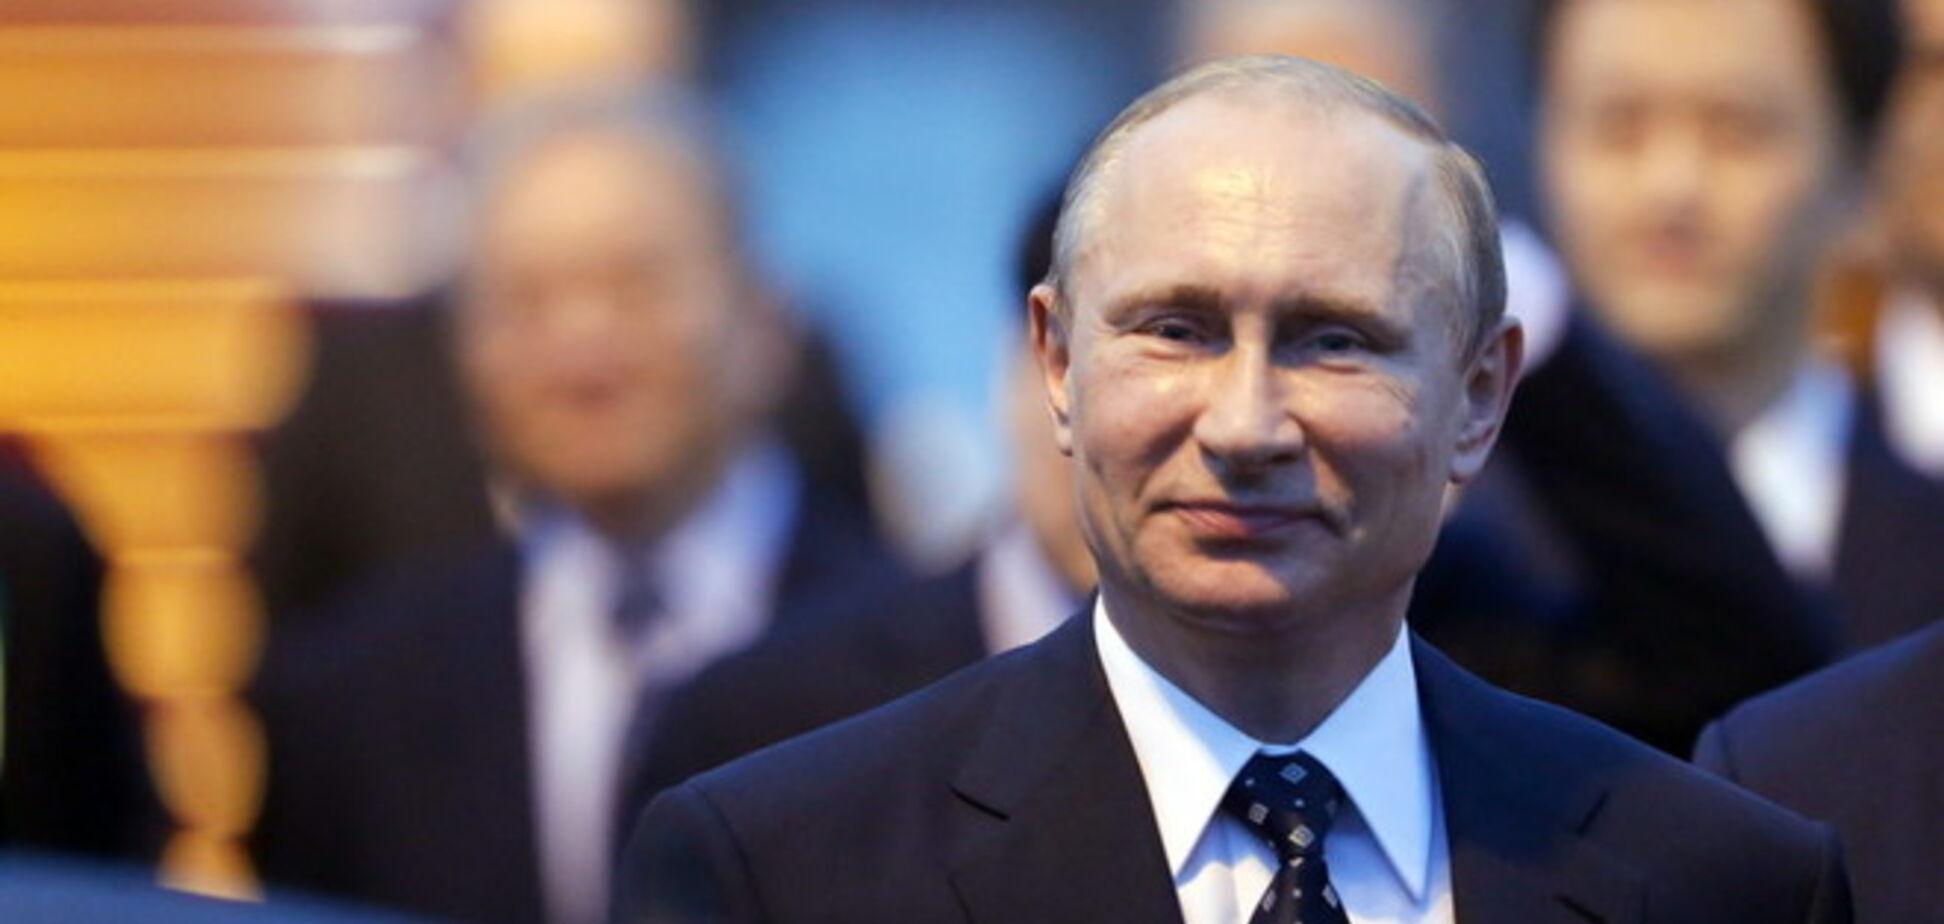 ''Табуретку подставили'': Путин попался на новой уловке с ростом на встрече с Лукашенко